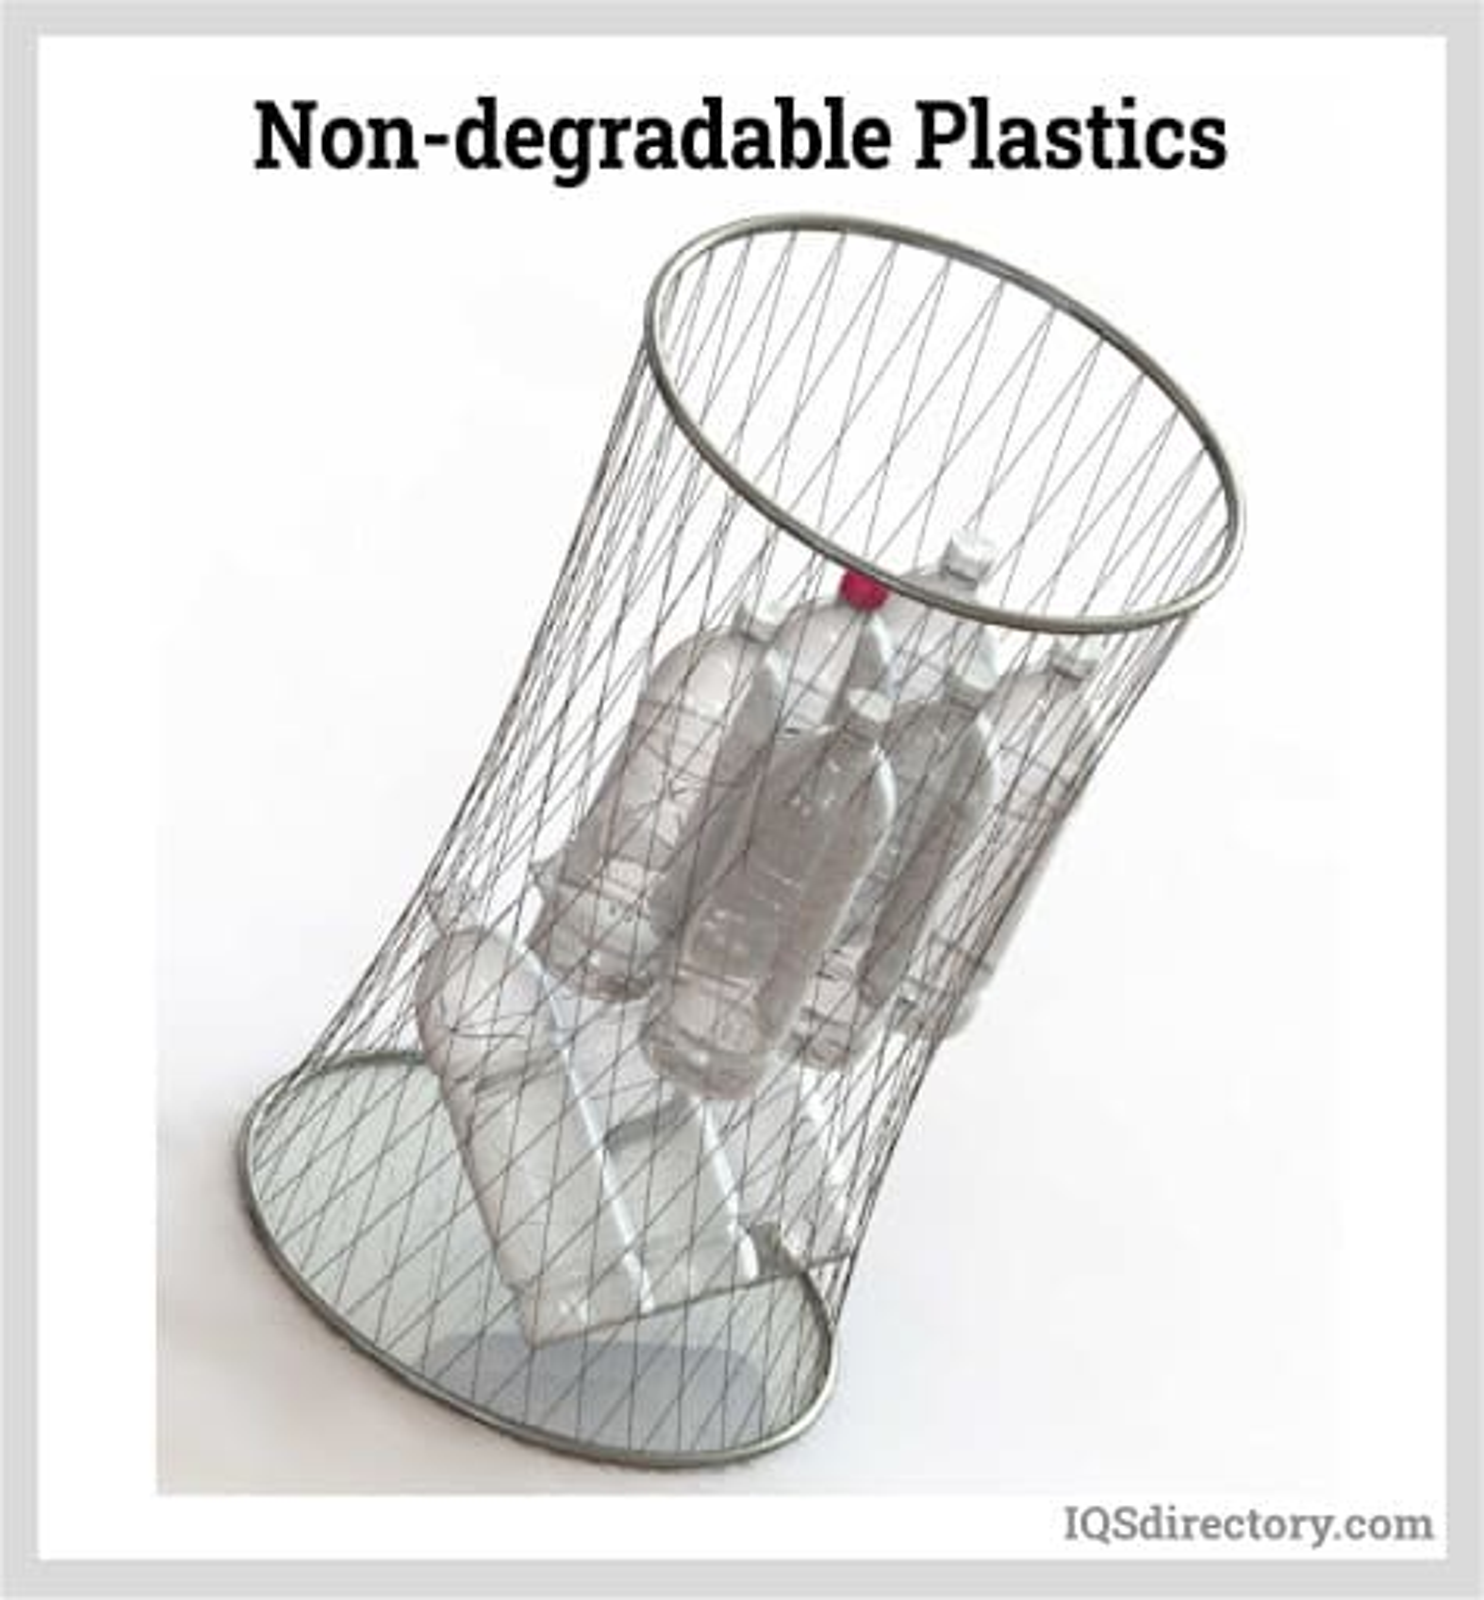 Non-degradable Plastics